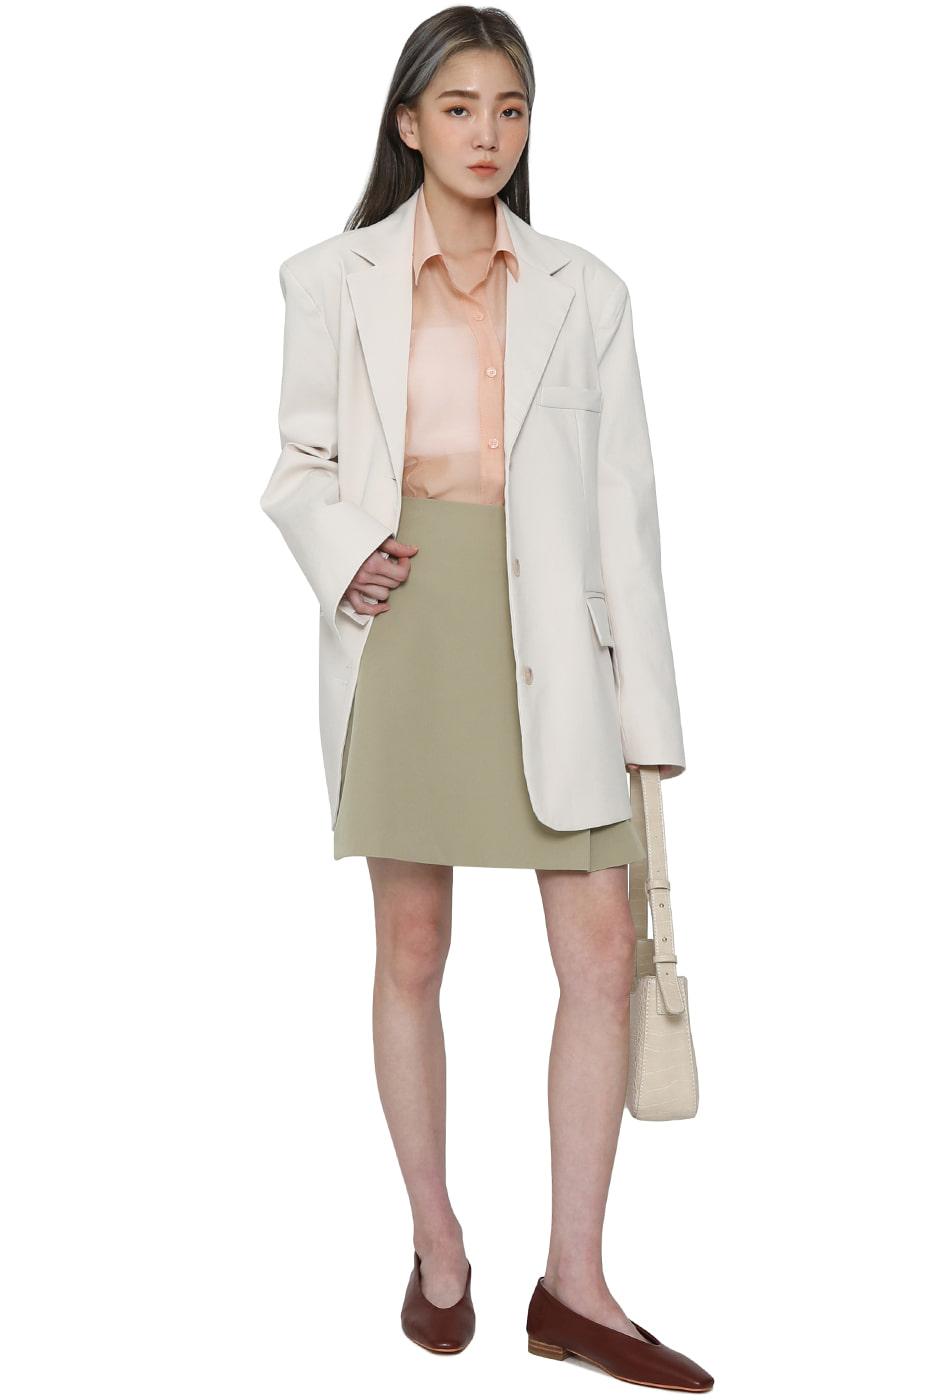 Mate pleated mini skirt